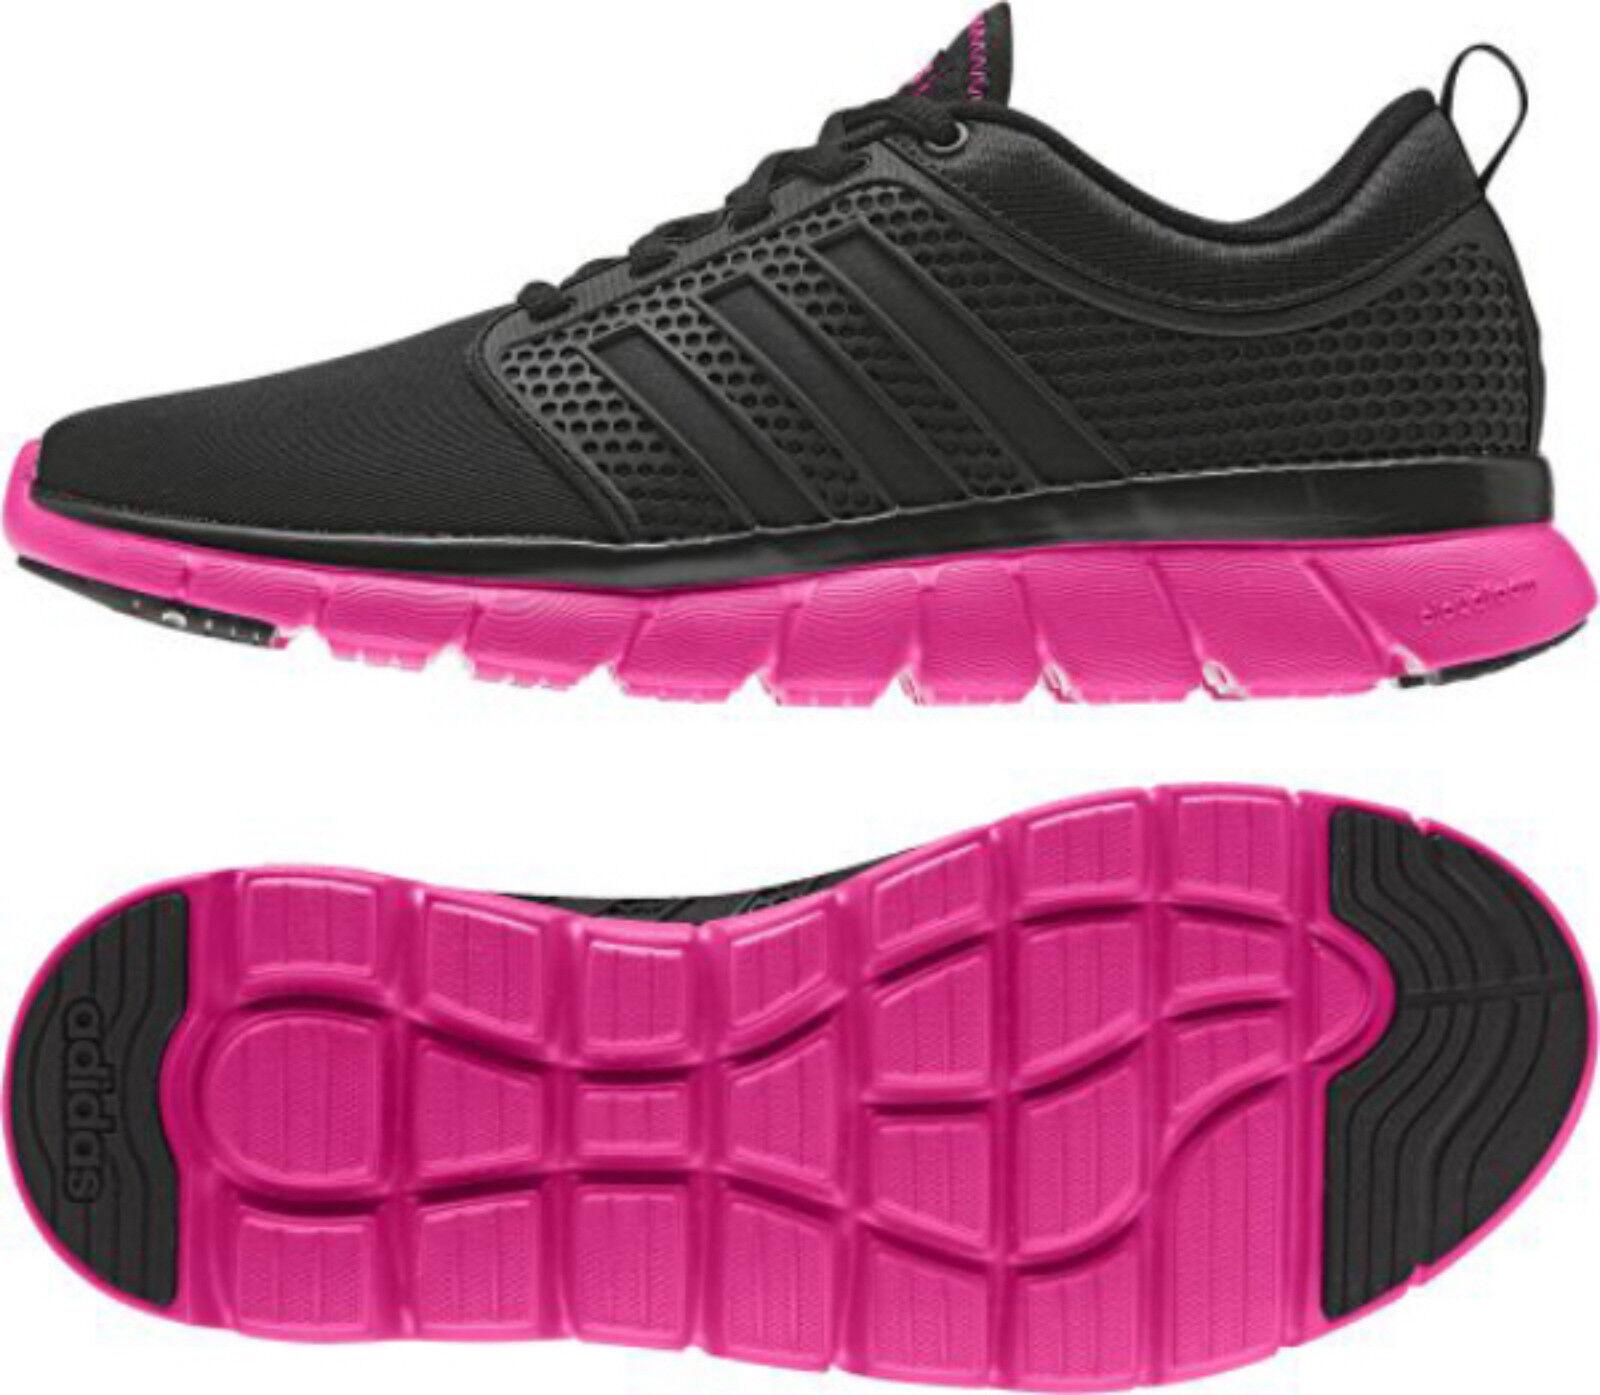 ADIDAS CLOUDFOAM GROOVE W schwarz Rosa  AQ1532  NEO Damen Turnschuhe Sportschuhe  | Sonderaktionen zum Jahresende